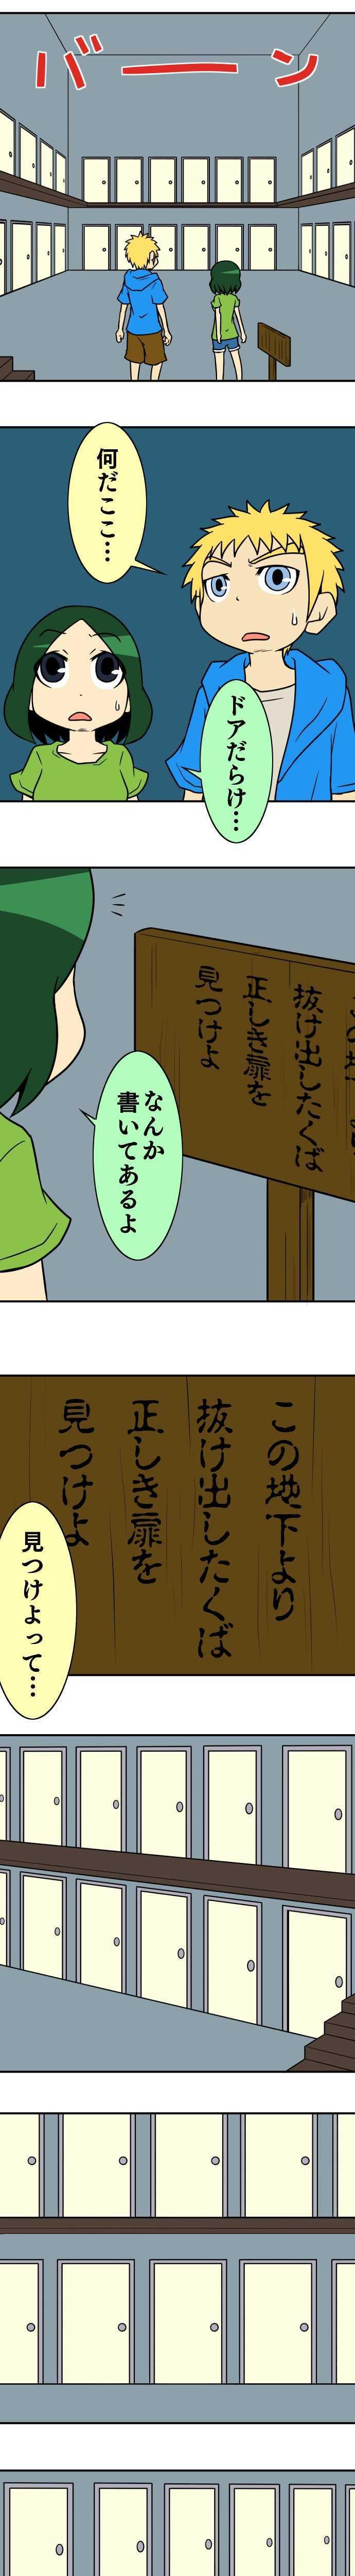 53術目:忍ぶ合宿(其の五)